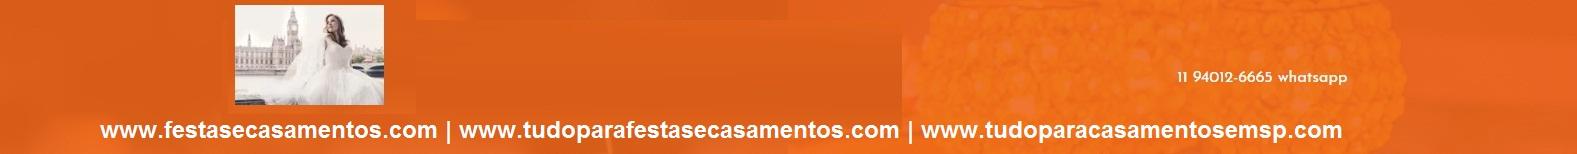 TUDO PARA FESTAS E CASAMENTOS